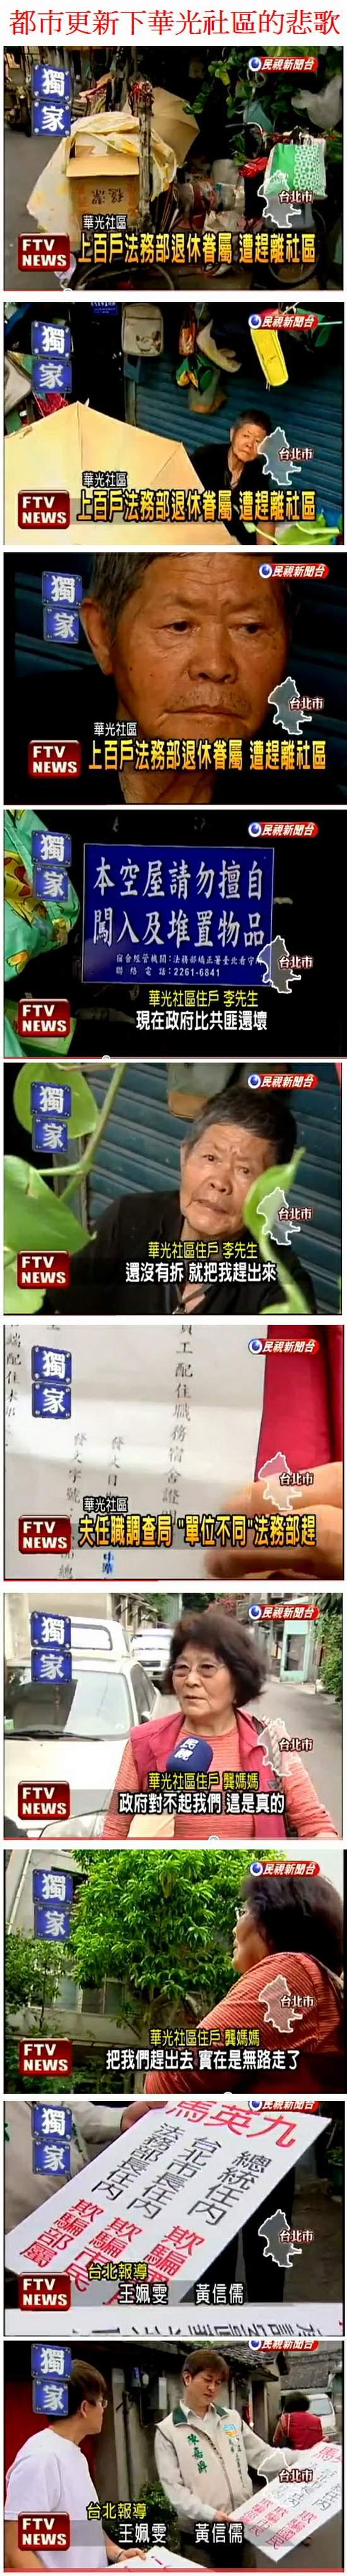 強制搬還要賠 華光社區抗議-民視新聞-2011.04.28-00.jpg